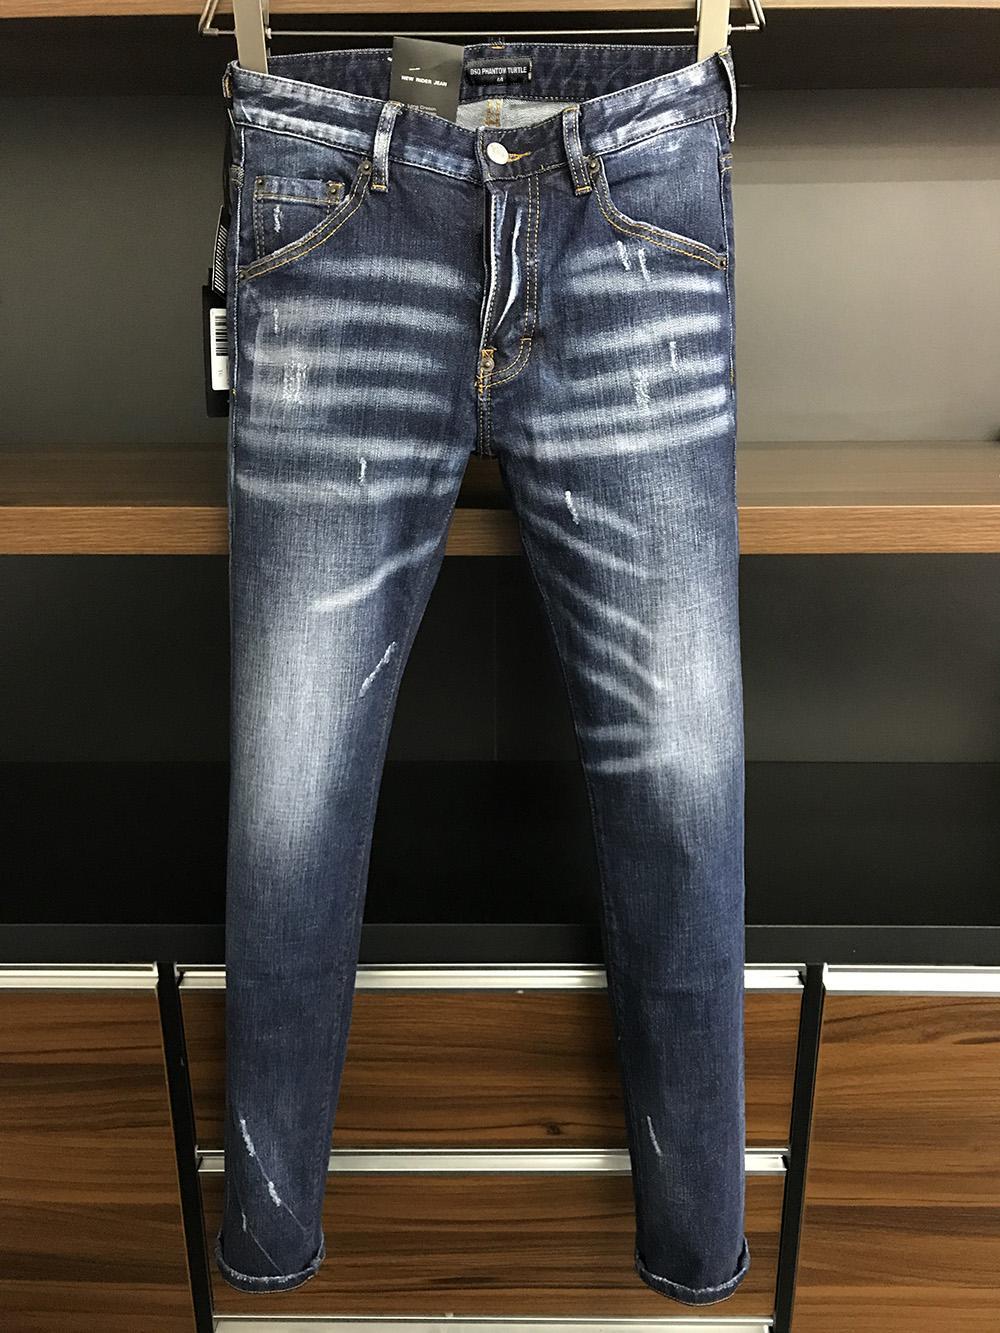 DSQ Phantom Tortue Classic Fashion Homme Jeans Hip Hop Rock Moto Mens Hommes Casual Design Décontracté Jeans Détoné Skinny Denim Biker DSQ Jeans 6966